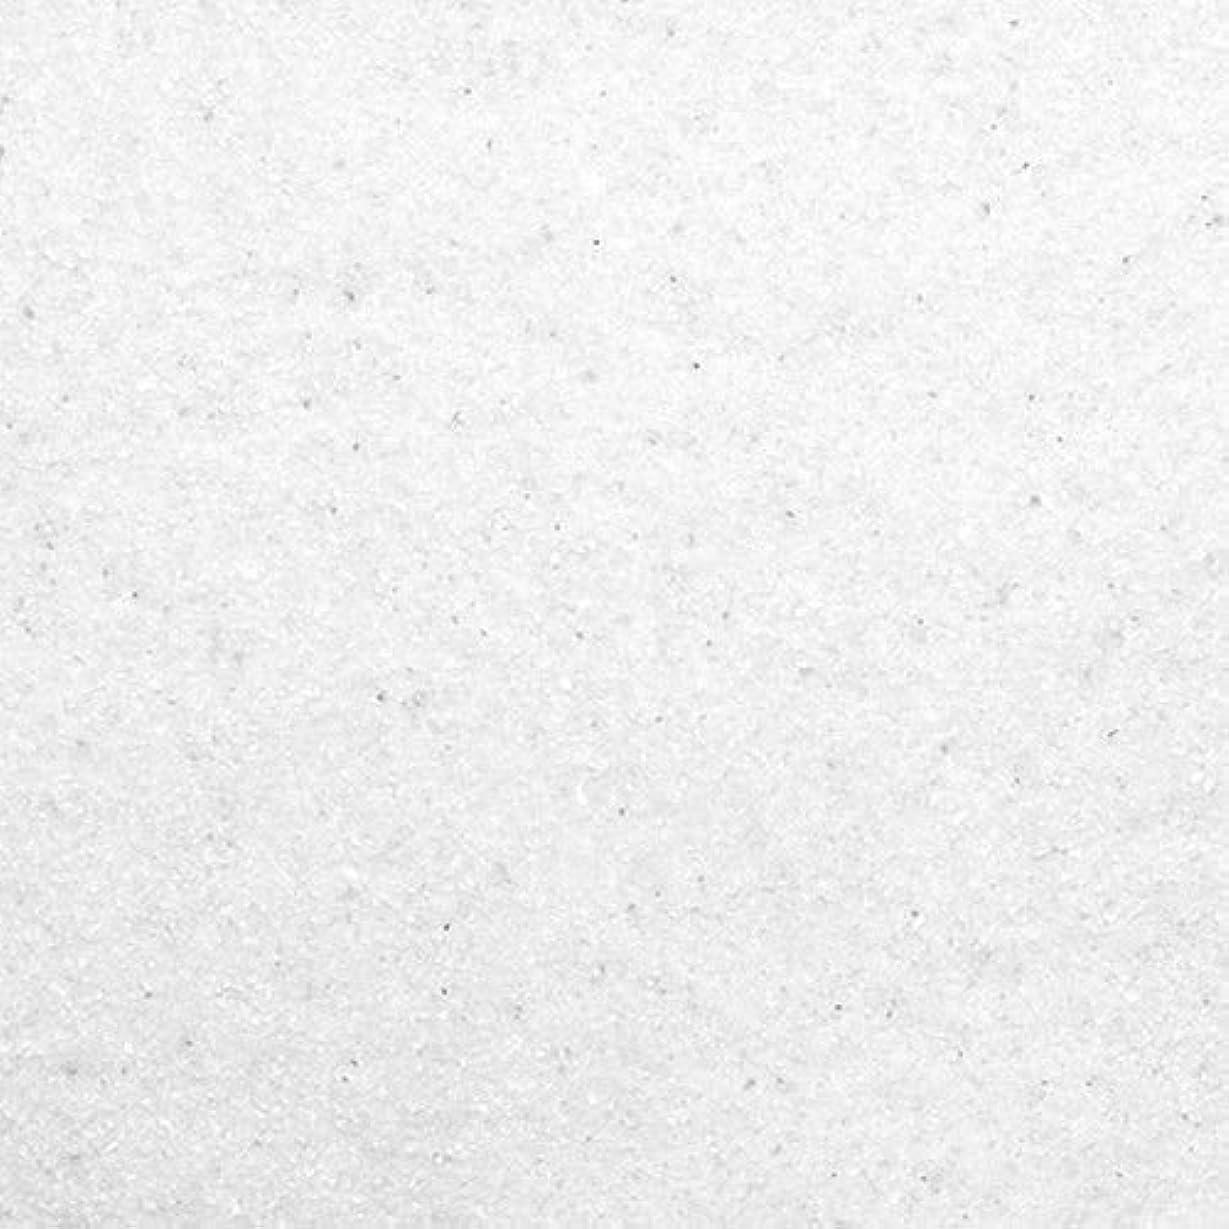 貫通蜂不幸16ozホワイトバルクカラー樹脂Incense Burner熱吸収/ Decorating Sandアート